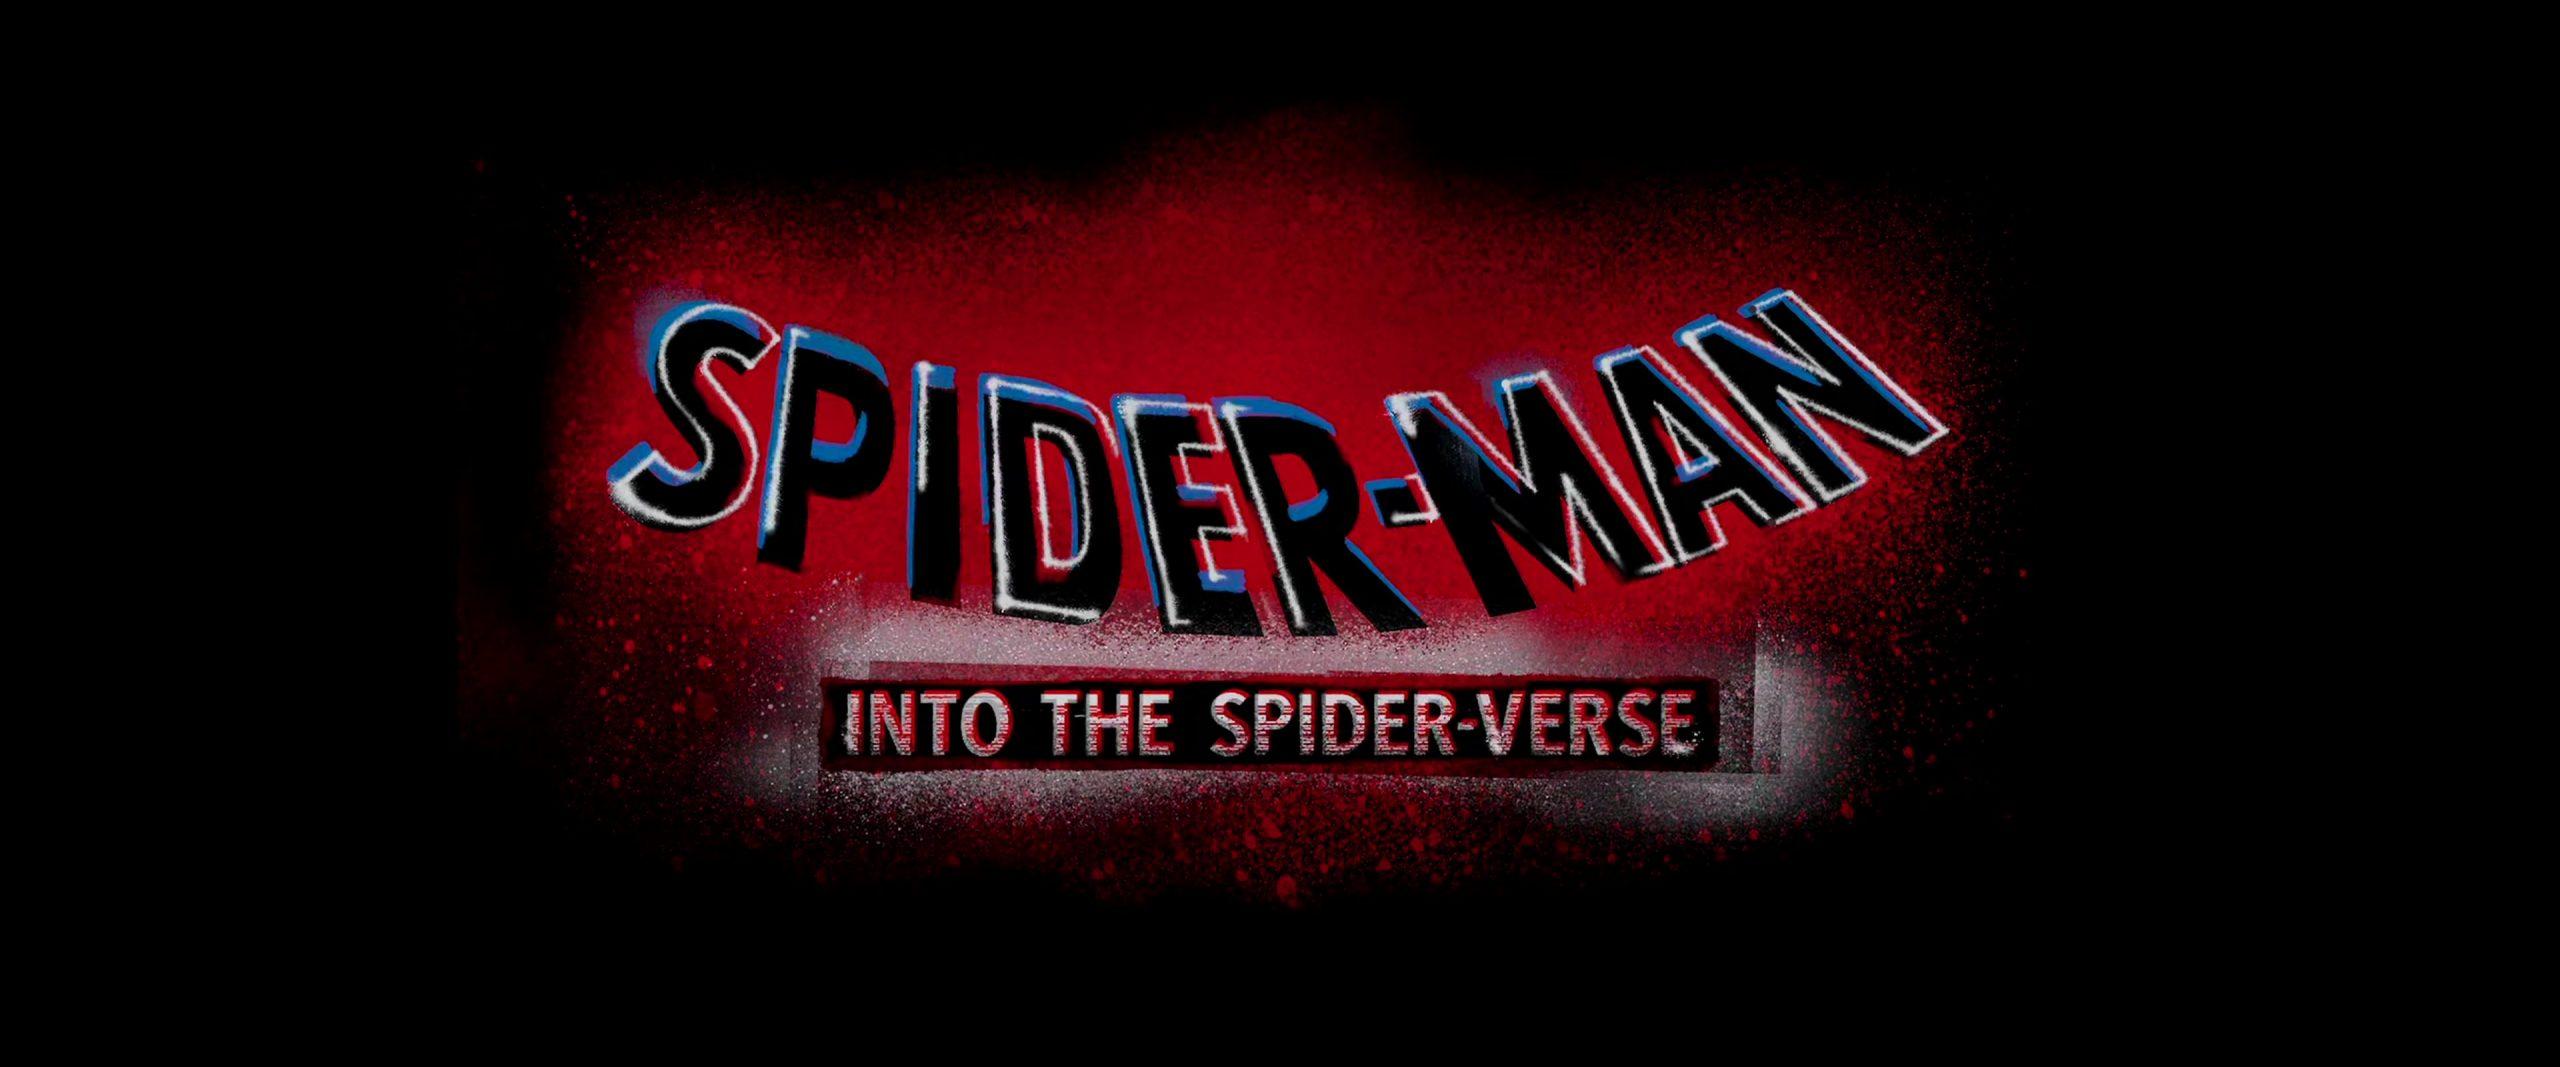 Spider-Man: Into the Spider-Verse (2018) [4K]